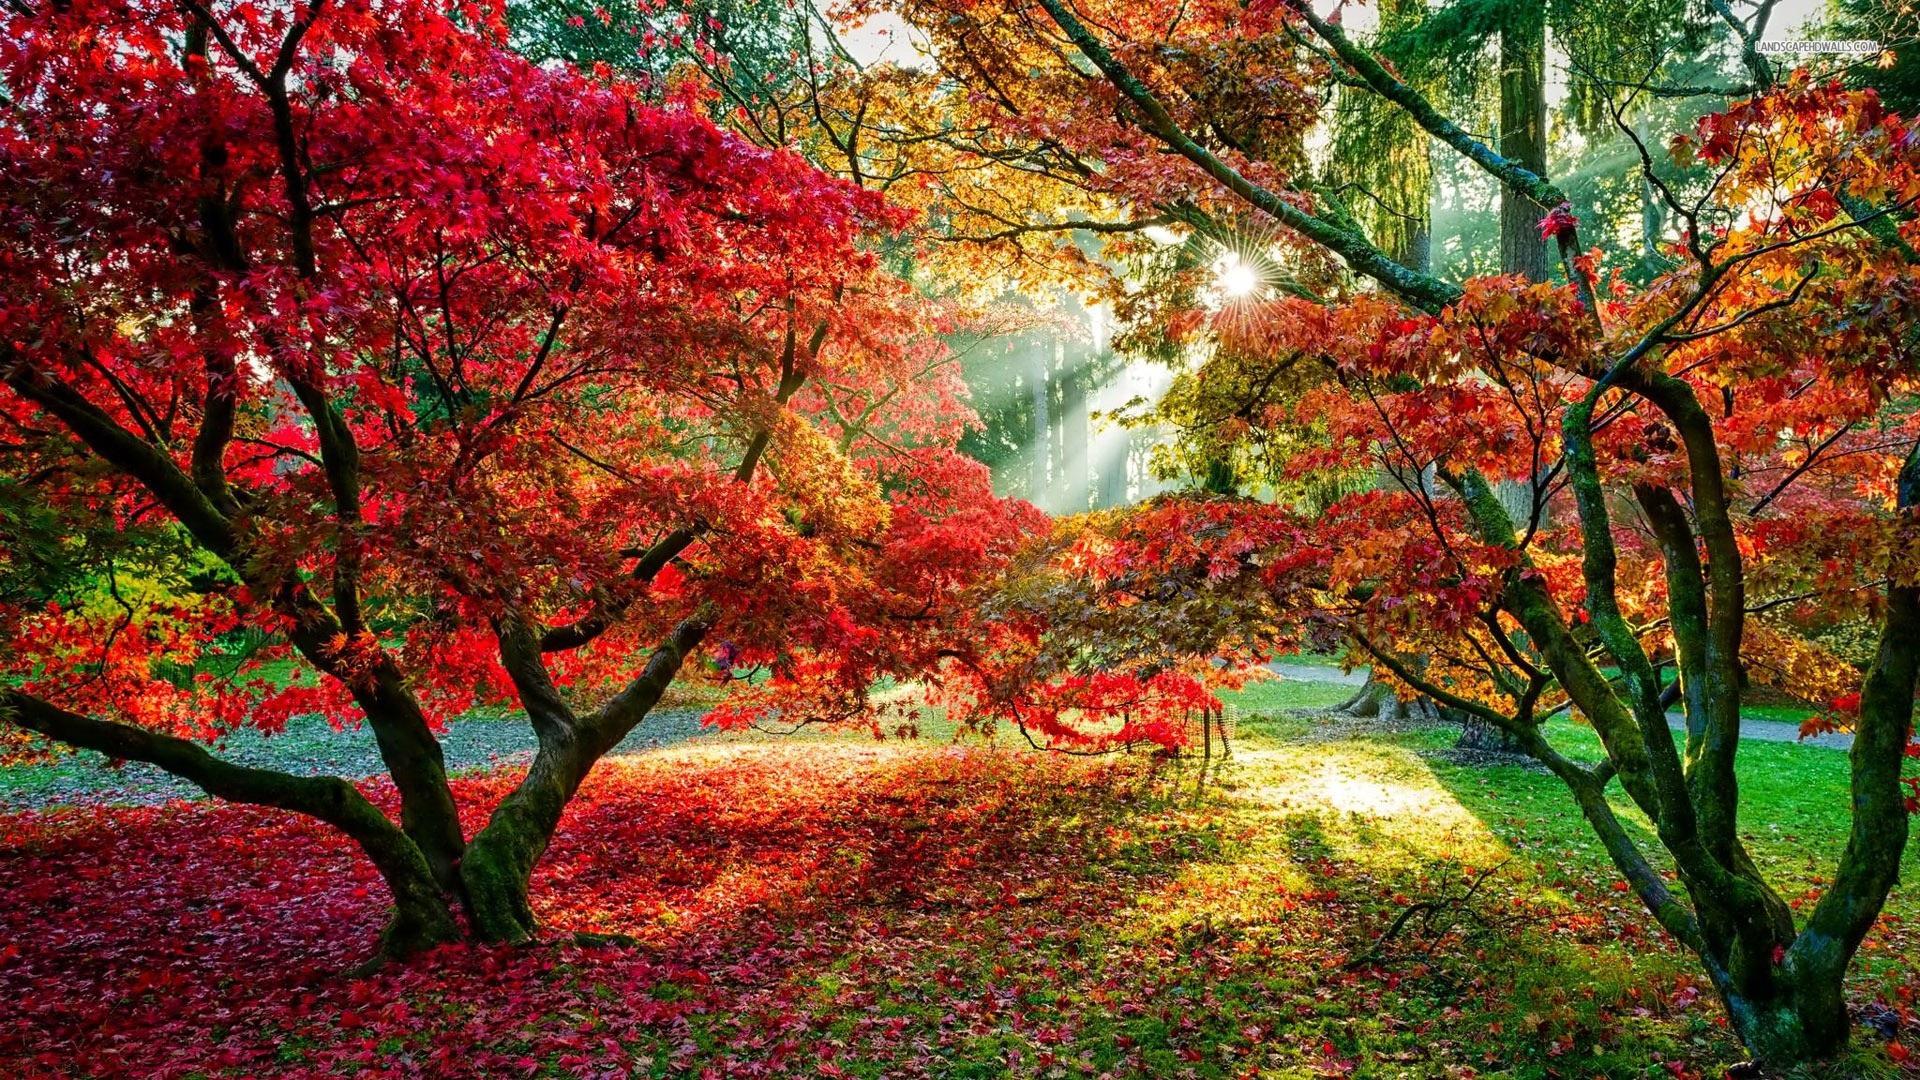 деревья листва осень солнце  № 3191819 загрузить